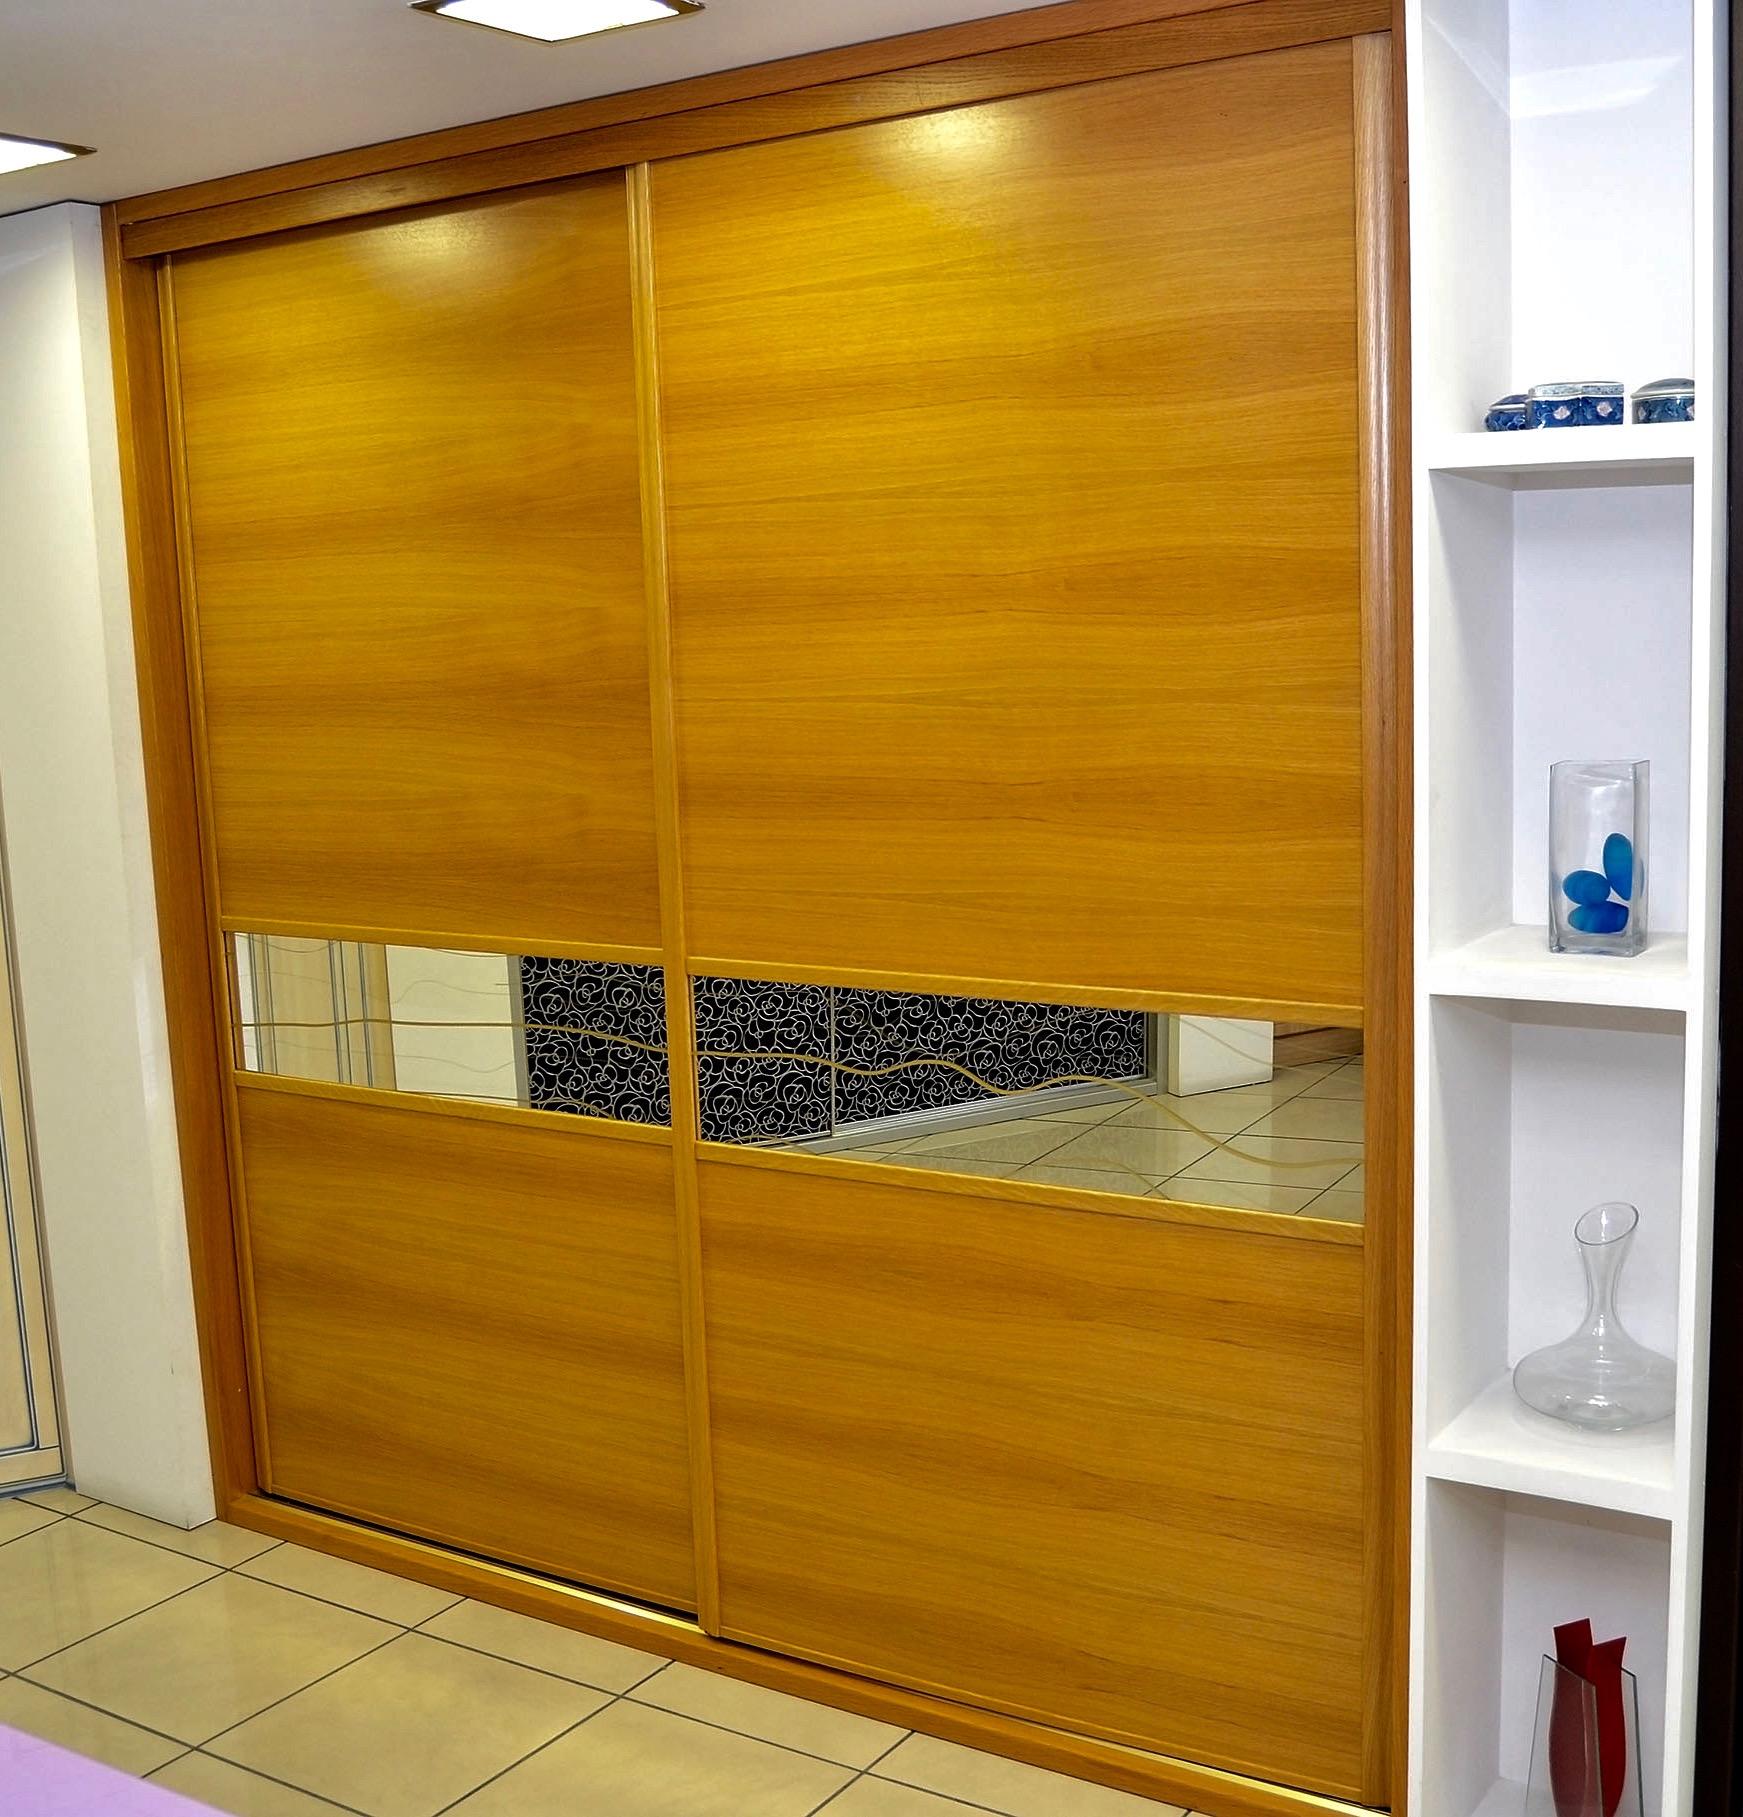 Armario elegance 04 josman hermanos tienda de muebles de cocina y ba o en santander tienda - Tiendas de armarios ...